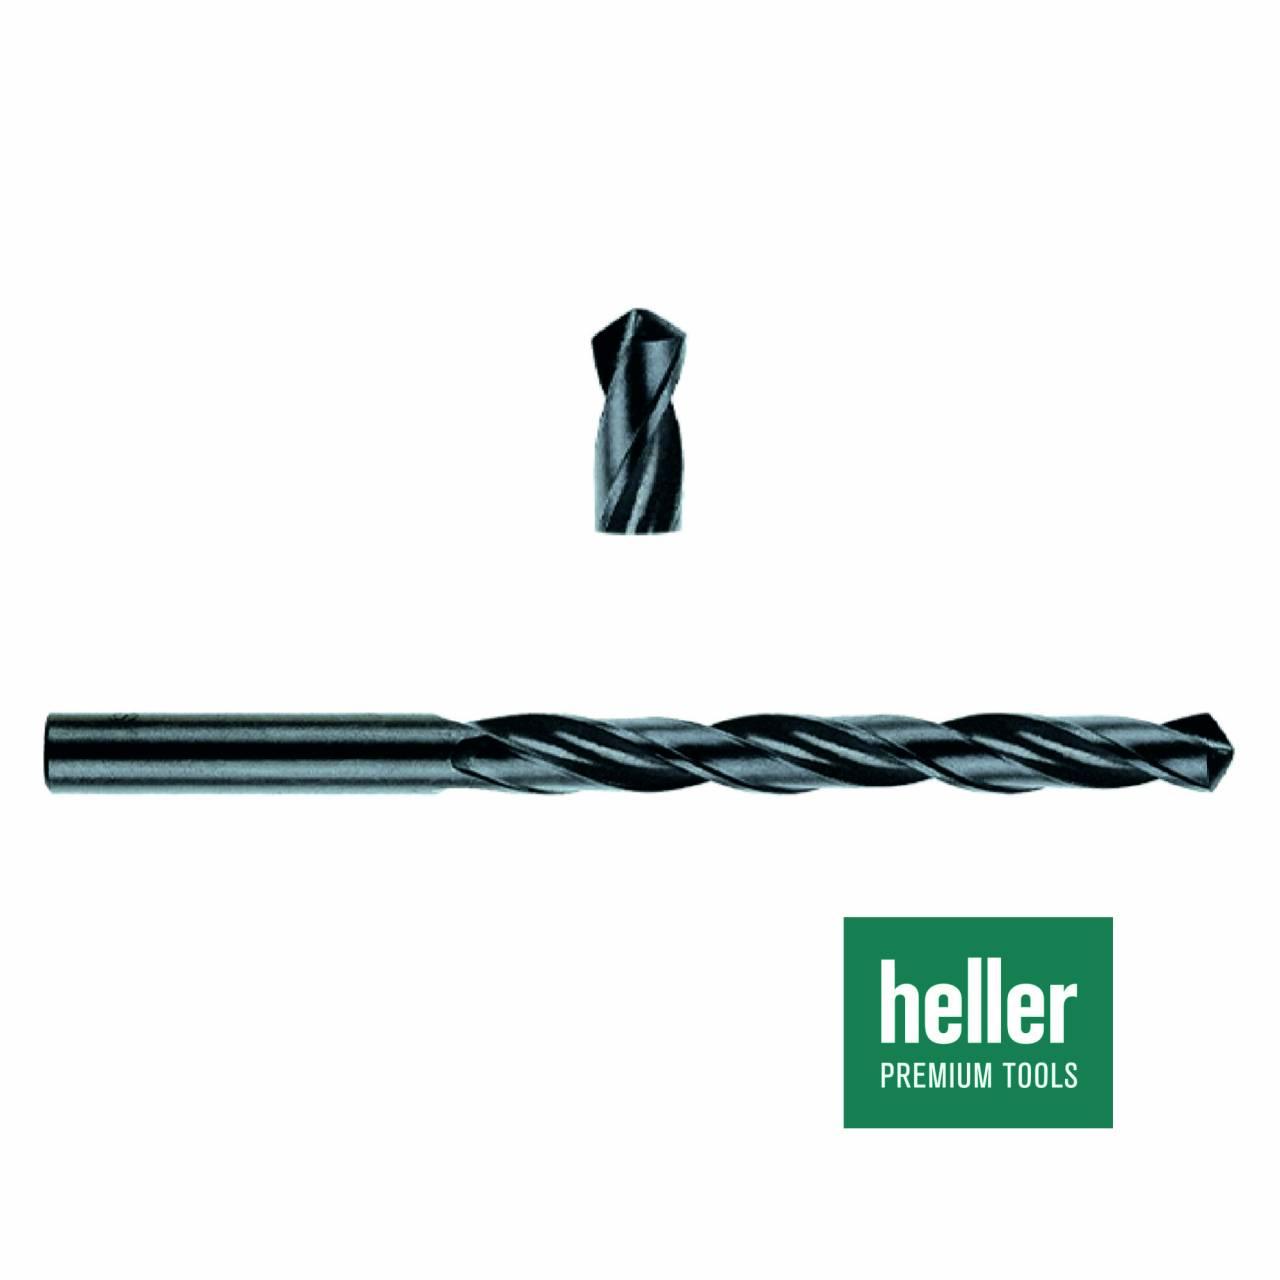 Stahlbohrer HSS-R 'Heller®' Ø 3 x 33 x 61 mm / Pck a 2 Stück